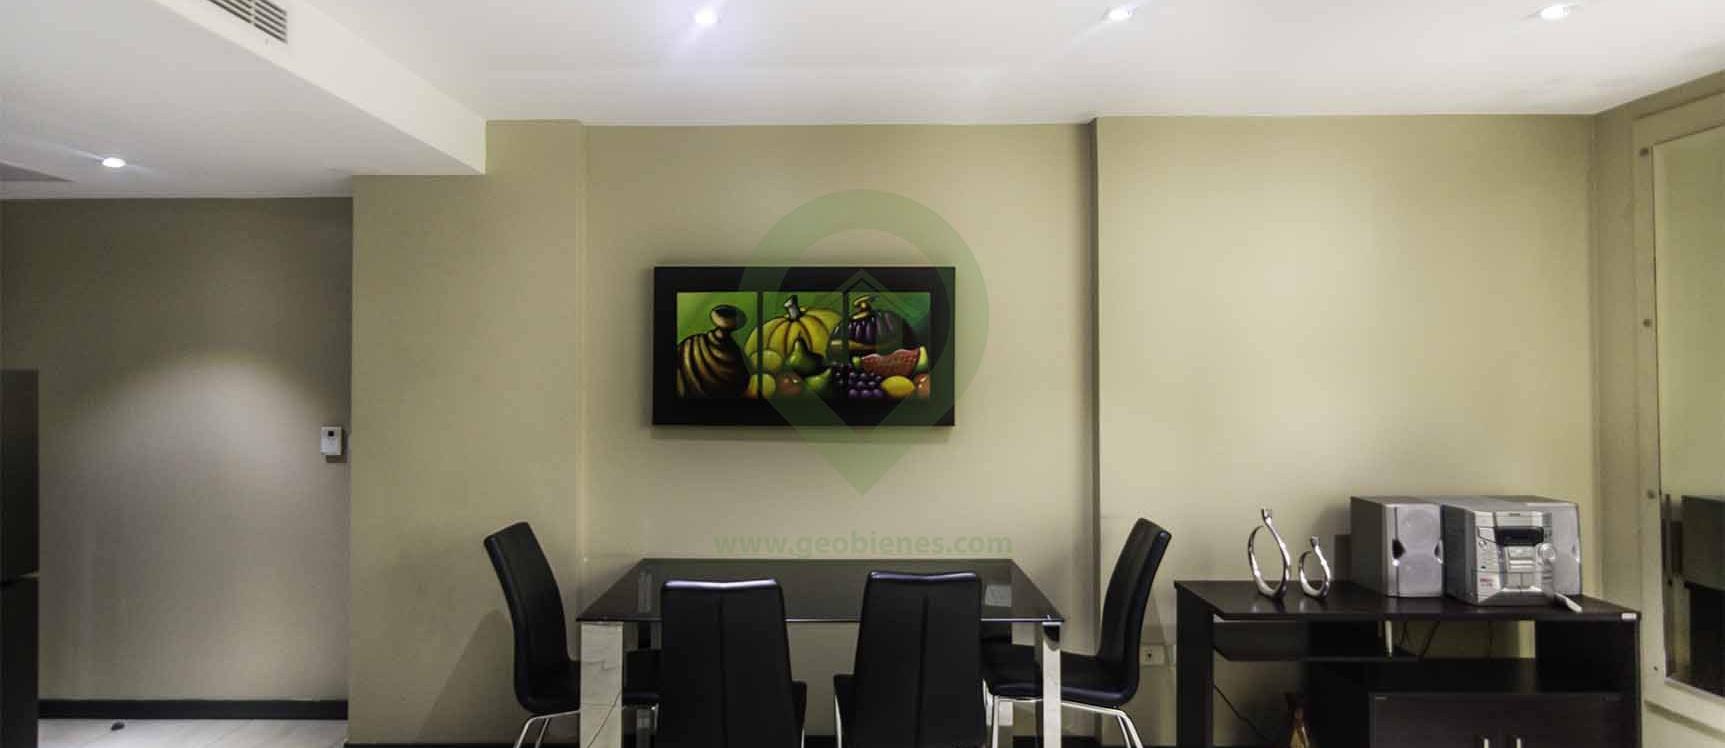 GeoBienes - Departamento en Venta Bellini II, Puerto Santa Ana - Plusvalia Guayaquil Casas de venta y alquiler Inmobiliaria Ecuador